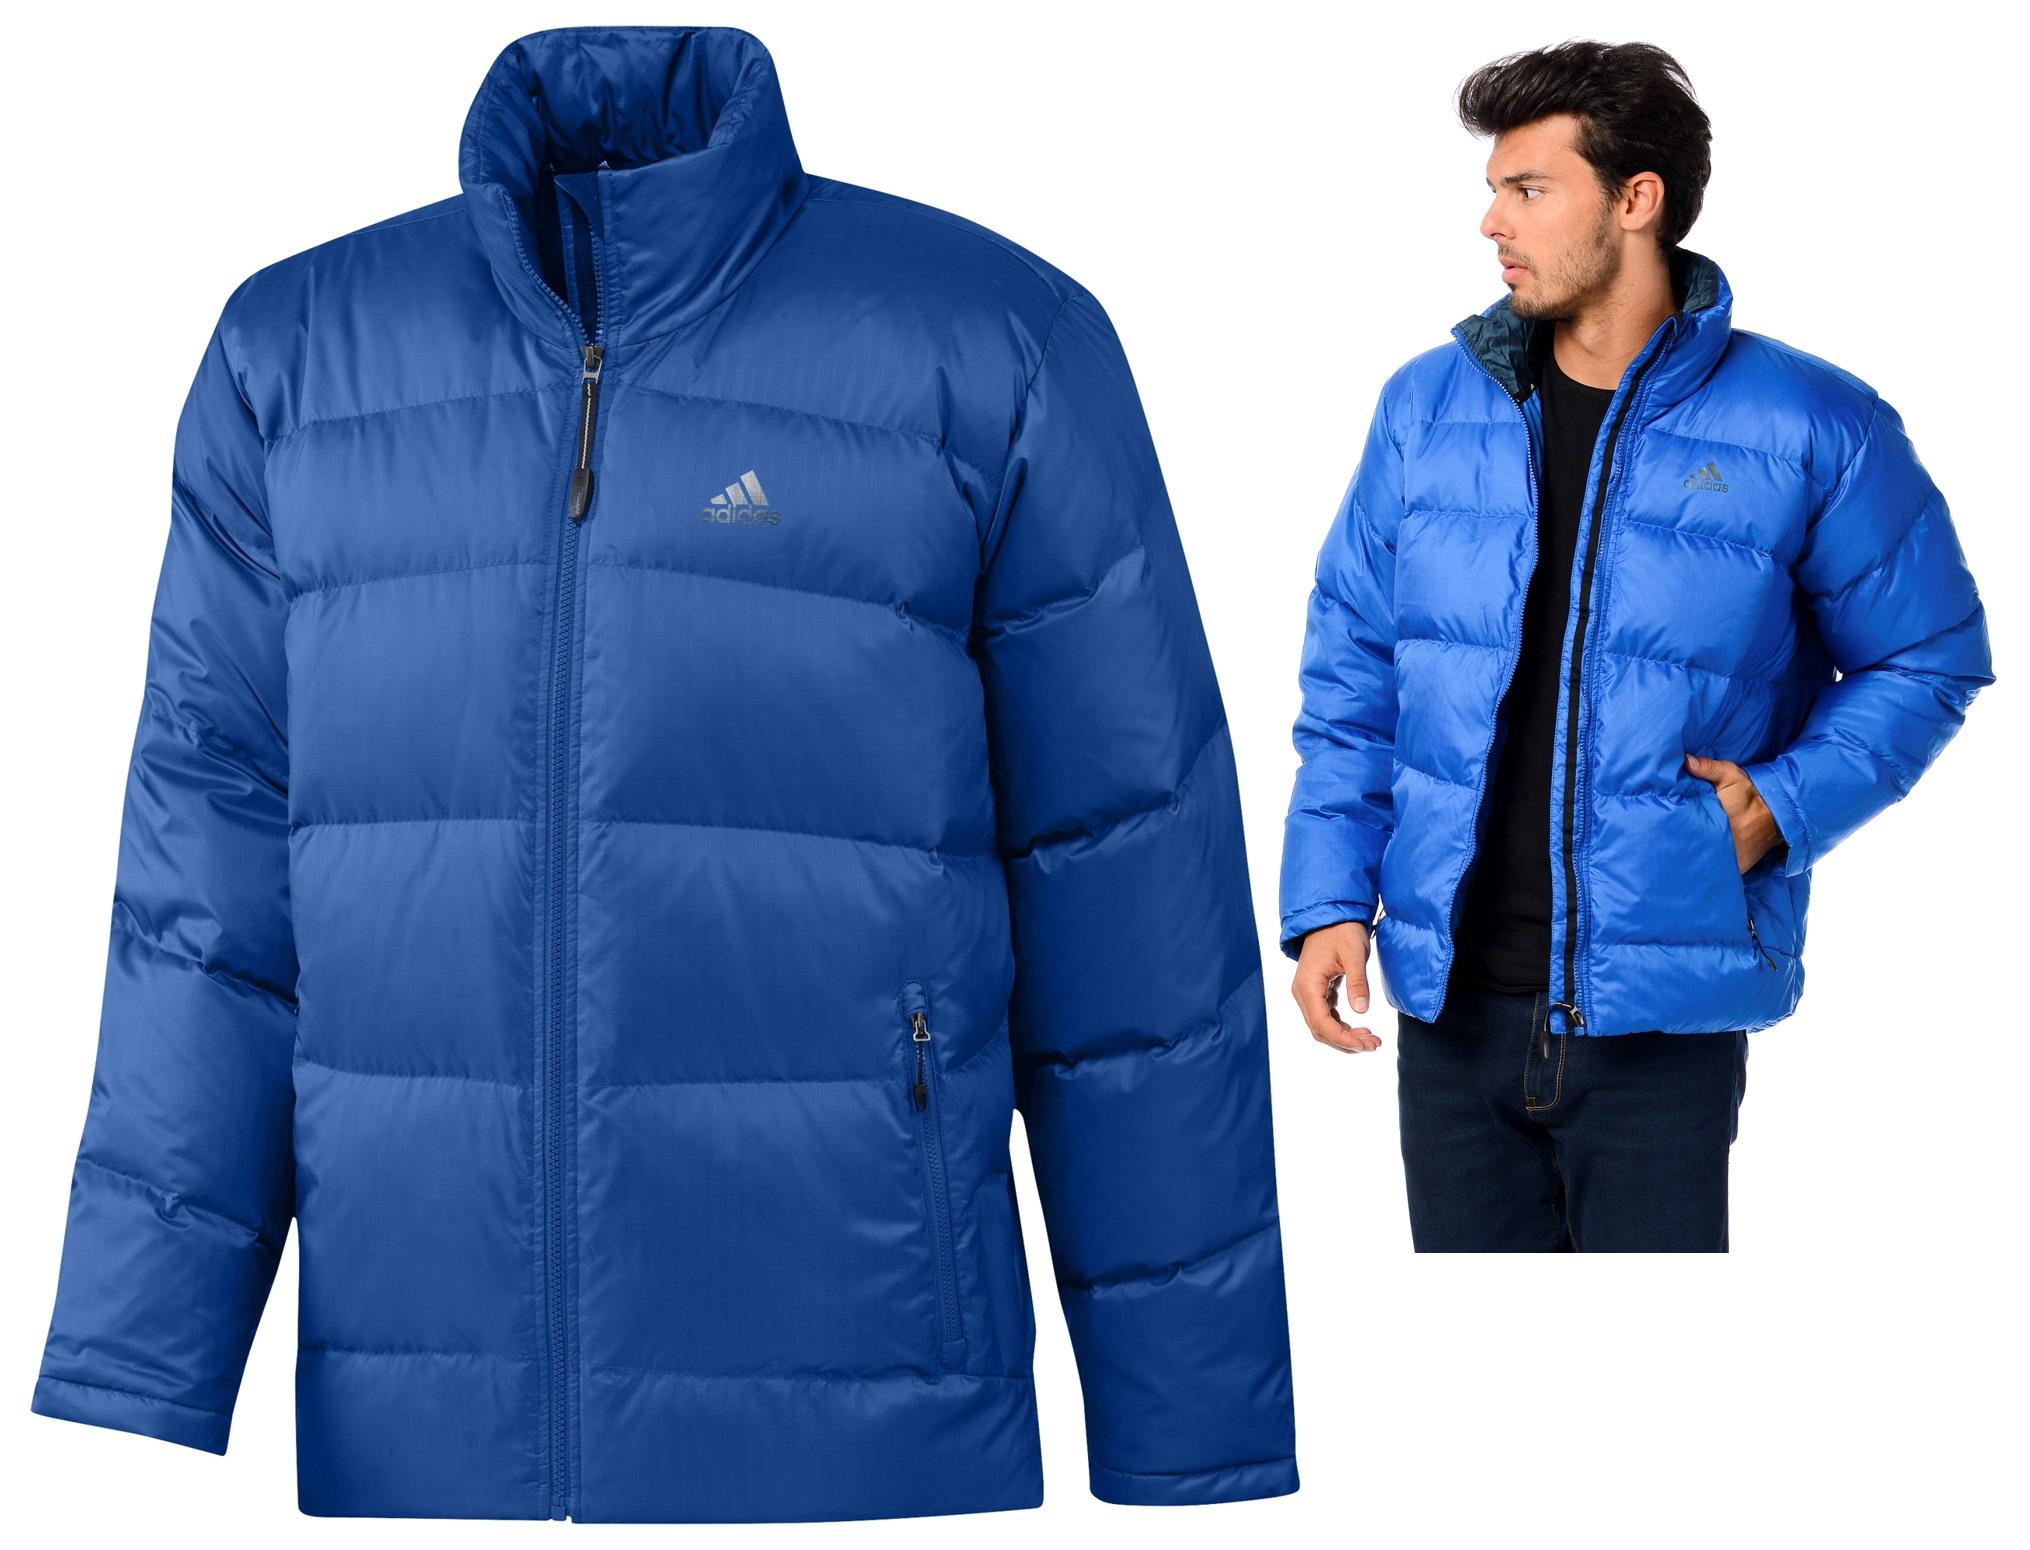 08db12822700d Adidas Winter Down kurtka puchowa męska - 58 (XL) - 7024611747 ...